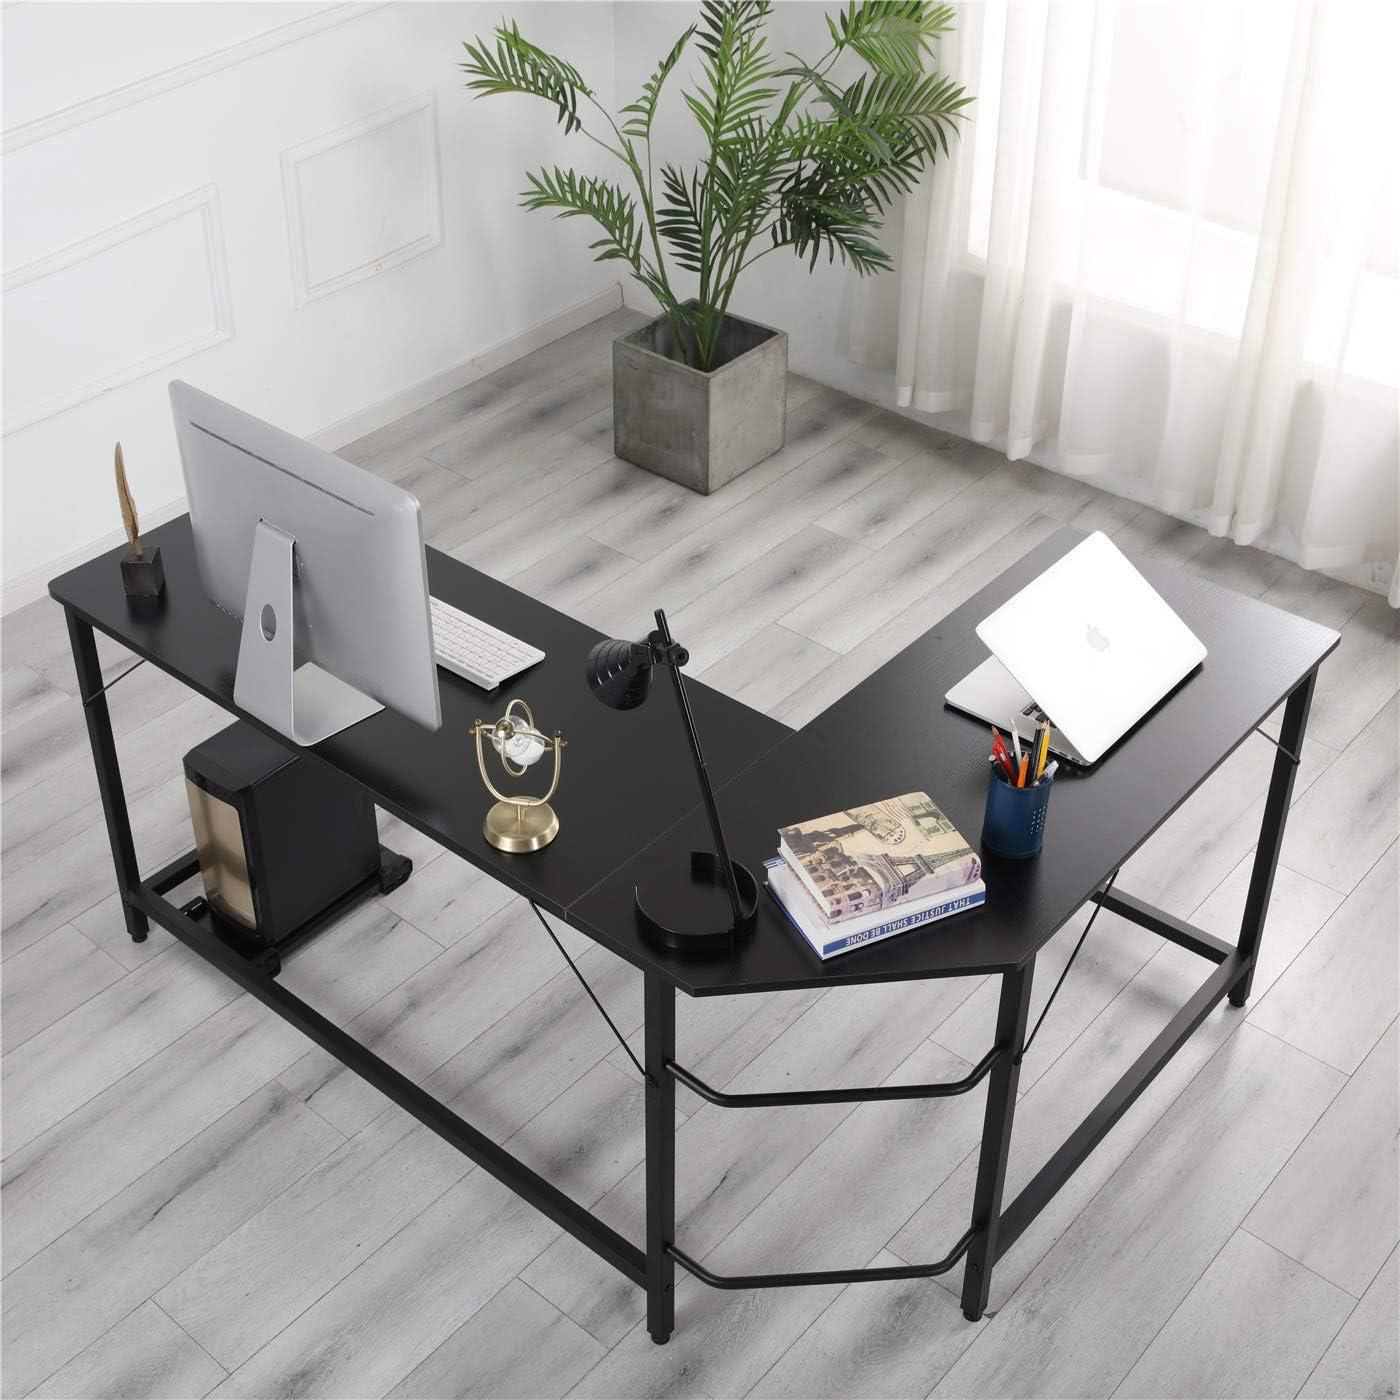 ANVAVA L-Shaped Desk 66 Inch Corner Computer Desk